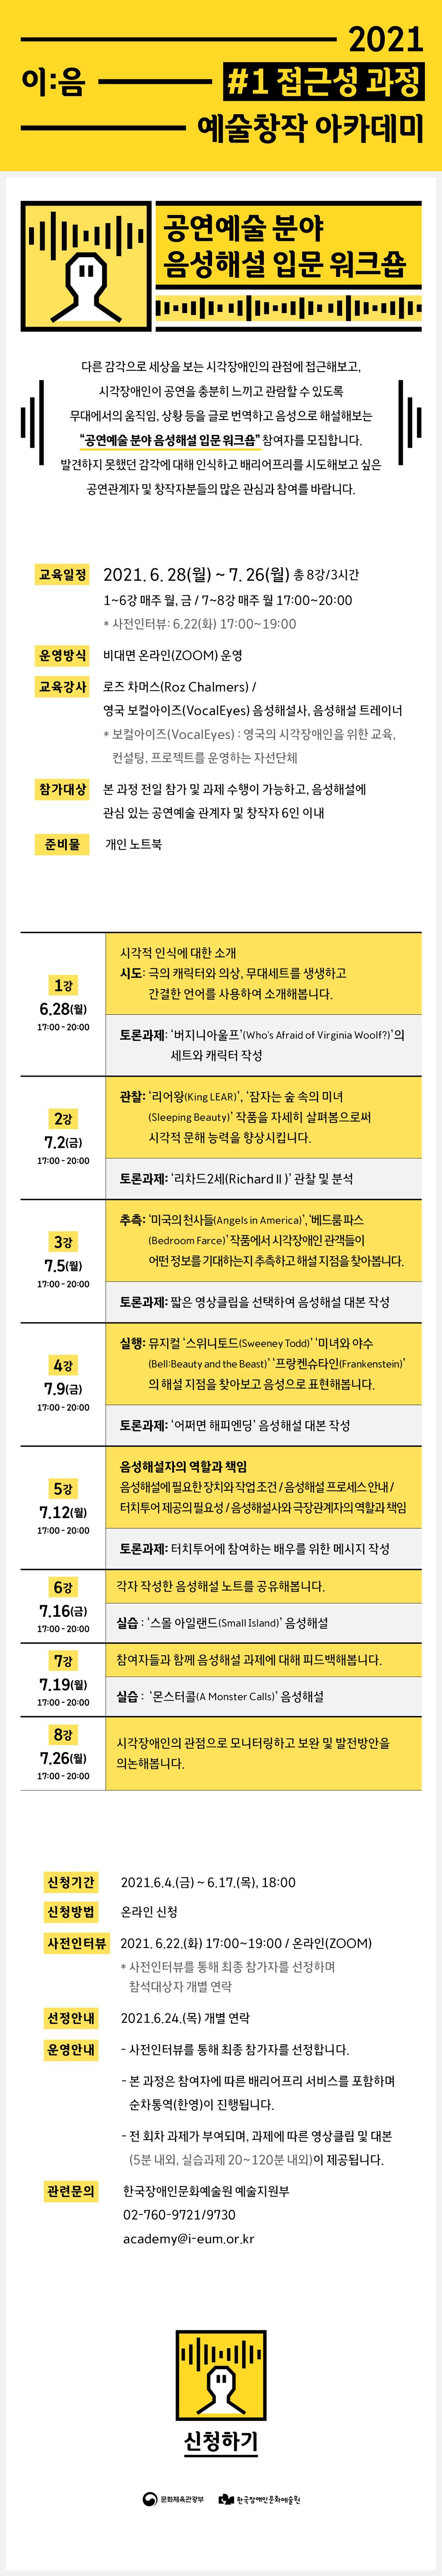 이음_공연예술-과정.png